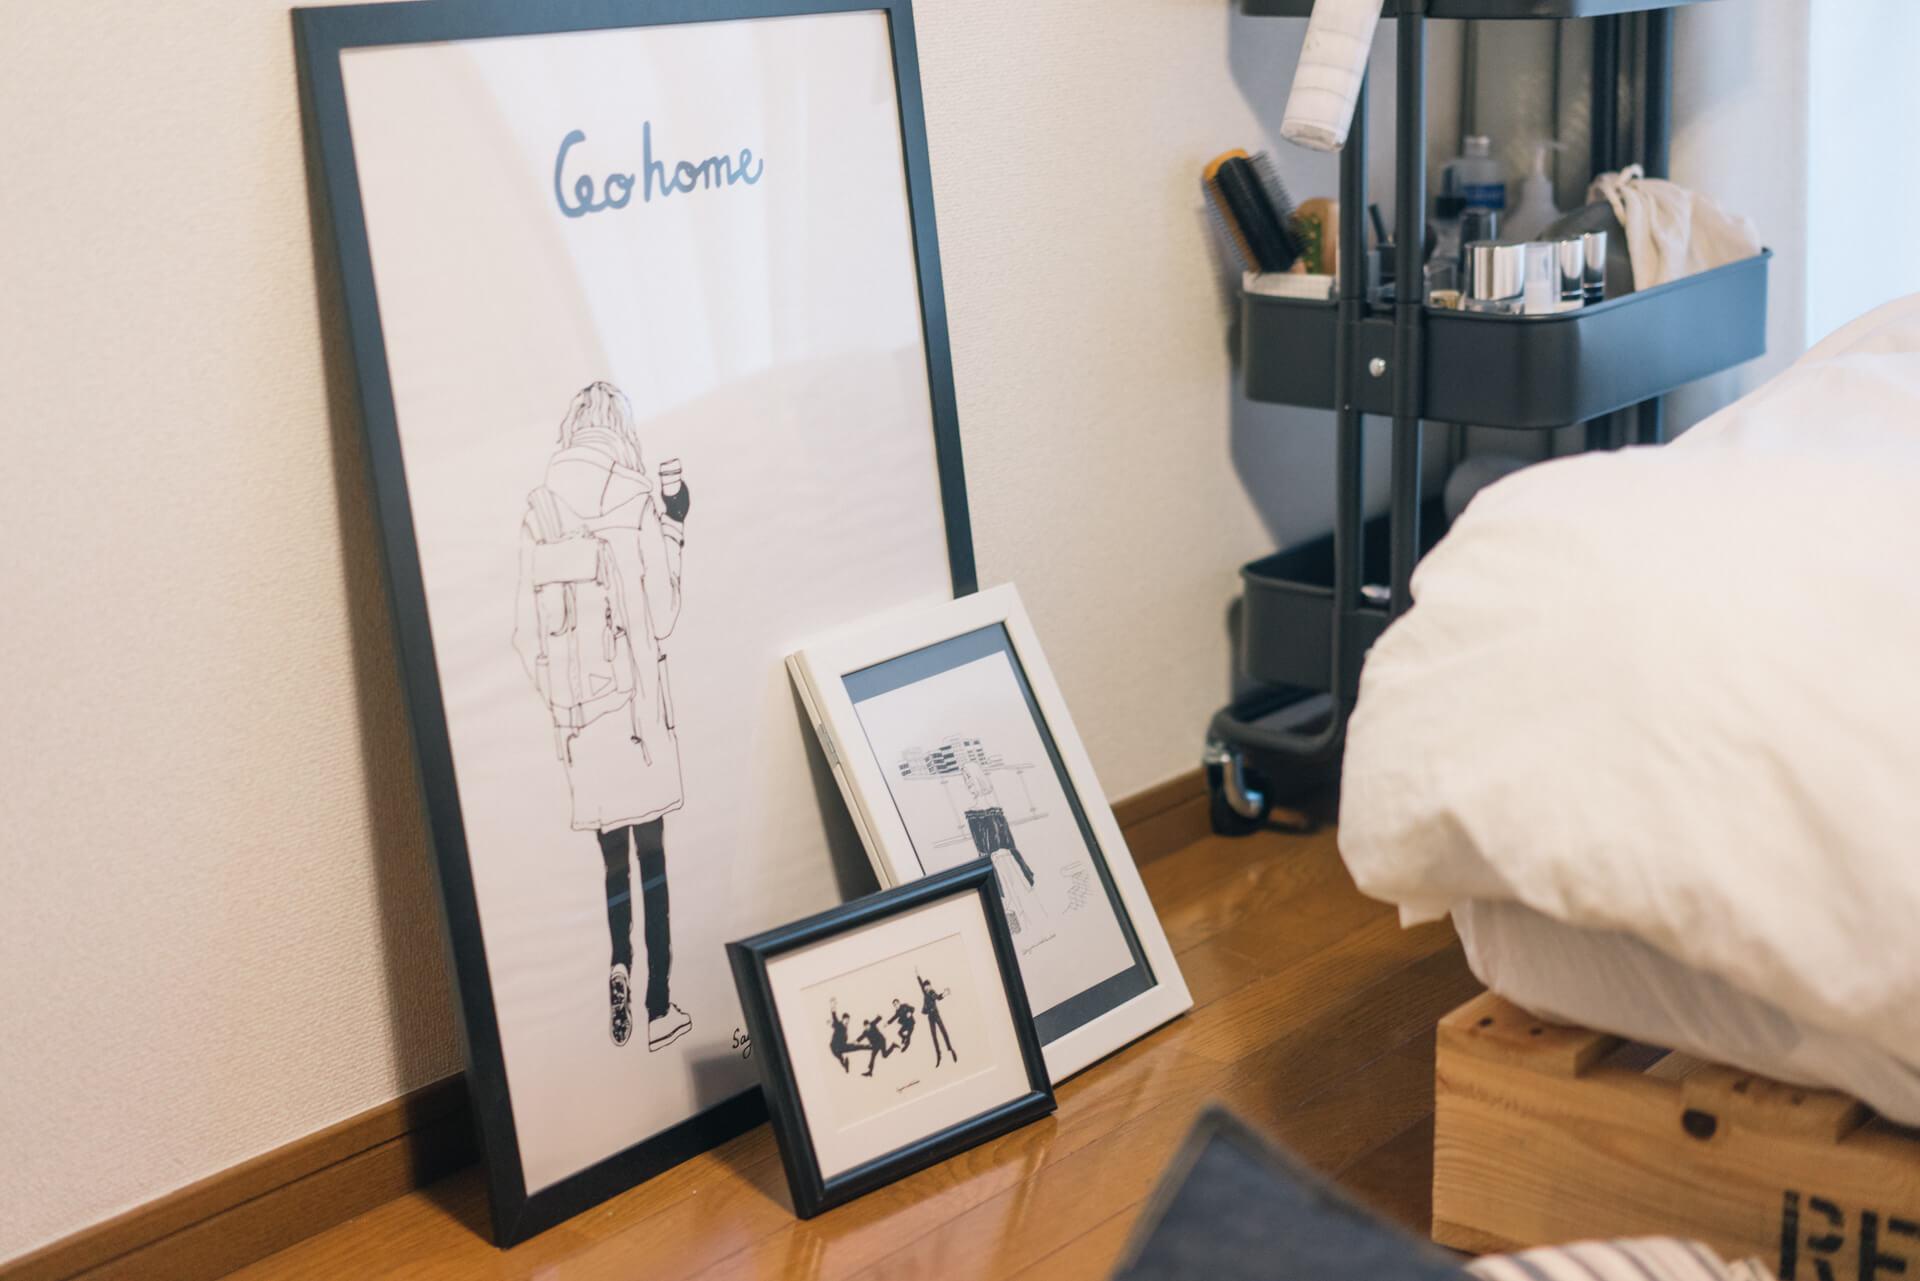 素敵なモノクロのアートは、sayurinishikubo さんによるイラスト(https://www.instagram.com/sayurinishikubo/)。お部屋の印象を決める大きなポイントになっています。作品購入をきっかけに親しくなったのだそう。そういう関係って、いいですよね。